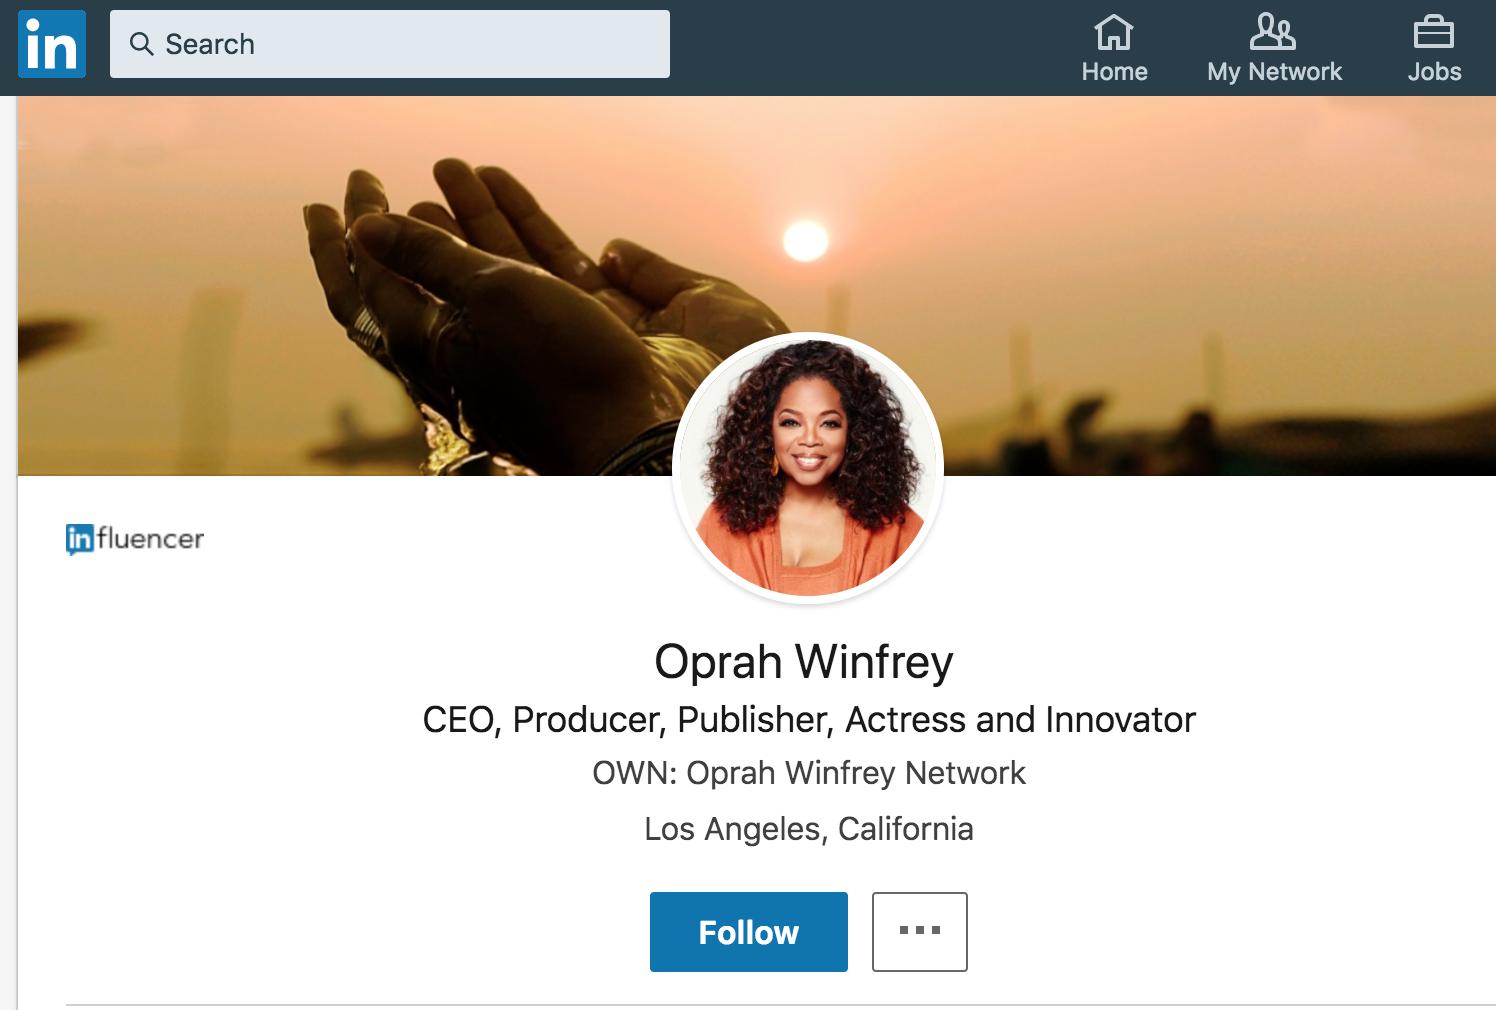 Oprah Winfrey LinkedIn